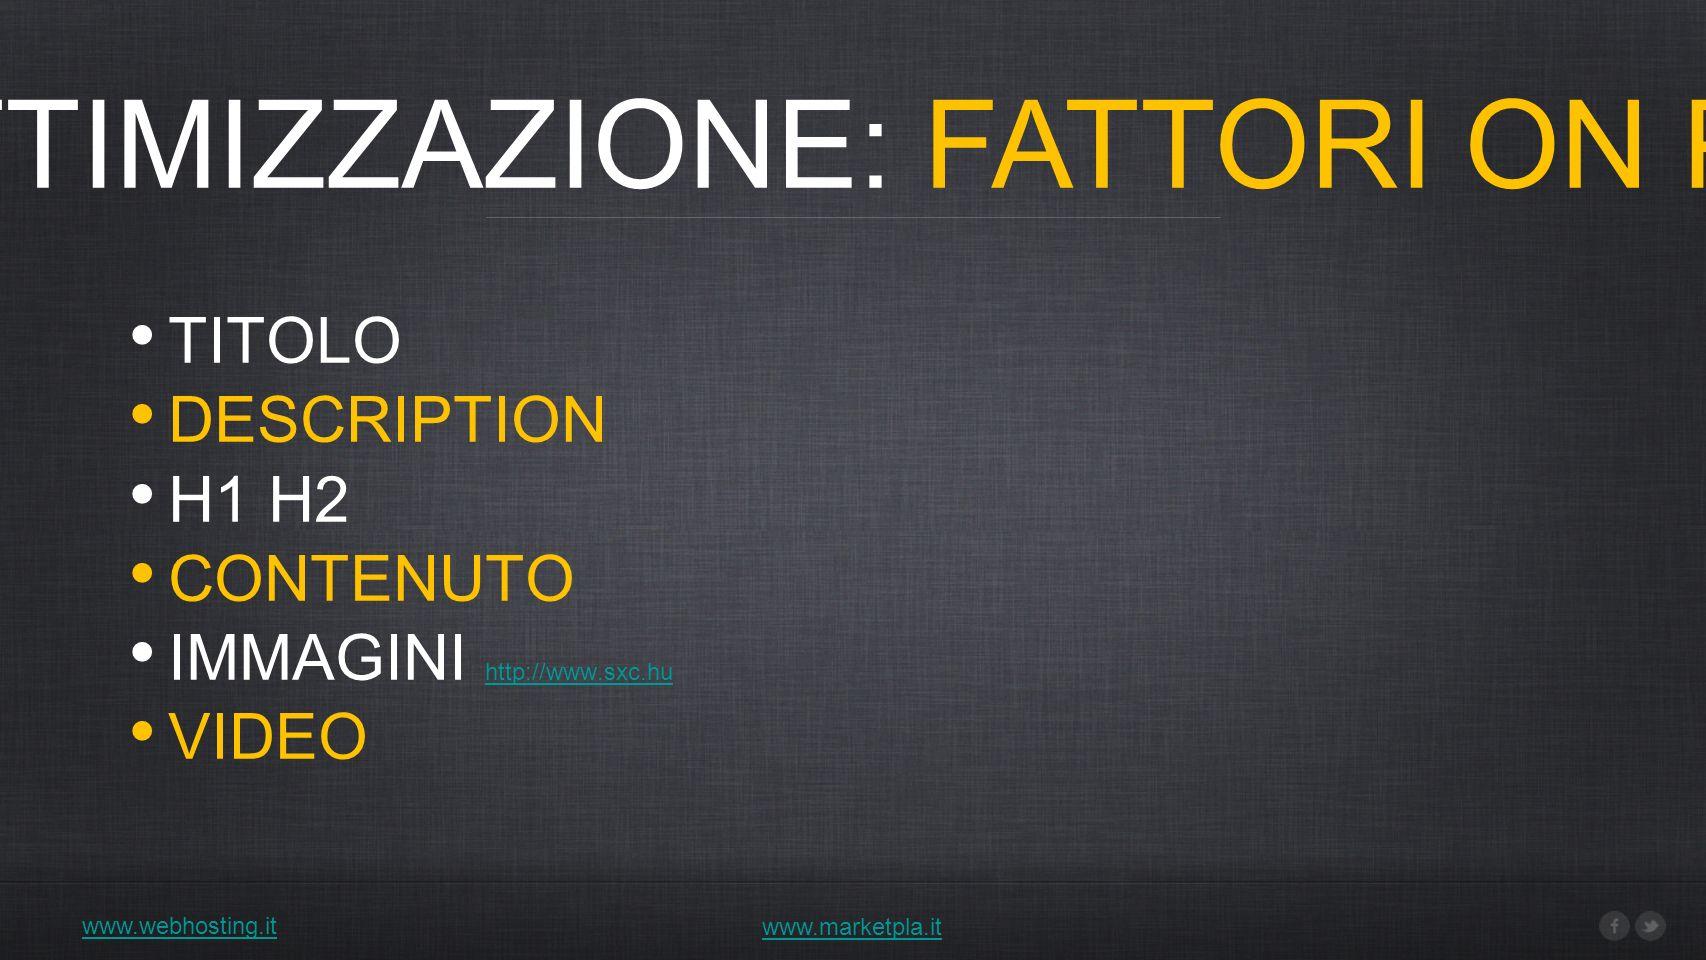 www.webhosting.it 1) OTTIMIZZAZIONE: FATTORI ON PAGE www.marketpla.it TITOLO DESCRIPTION H1 H2 CONTENUTO IMMAGINI http://www.sxc.hu http://www.sxc.hu VIDEO